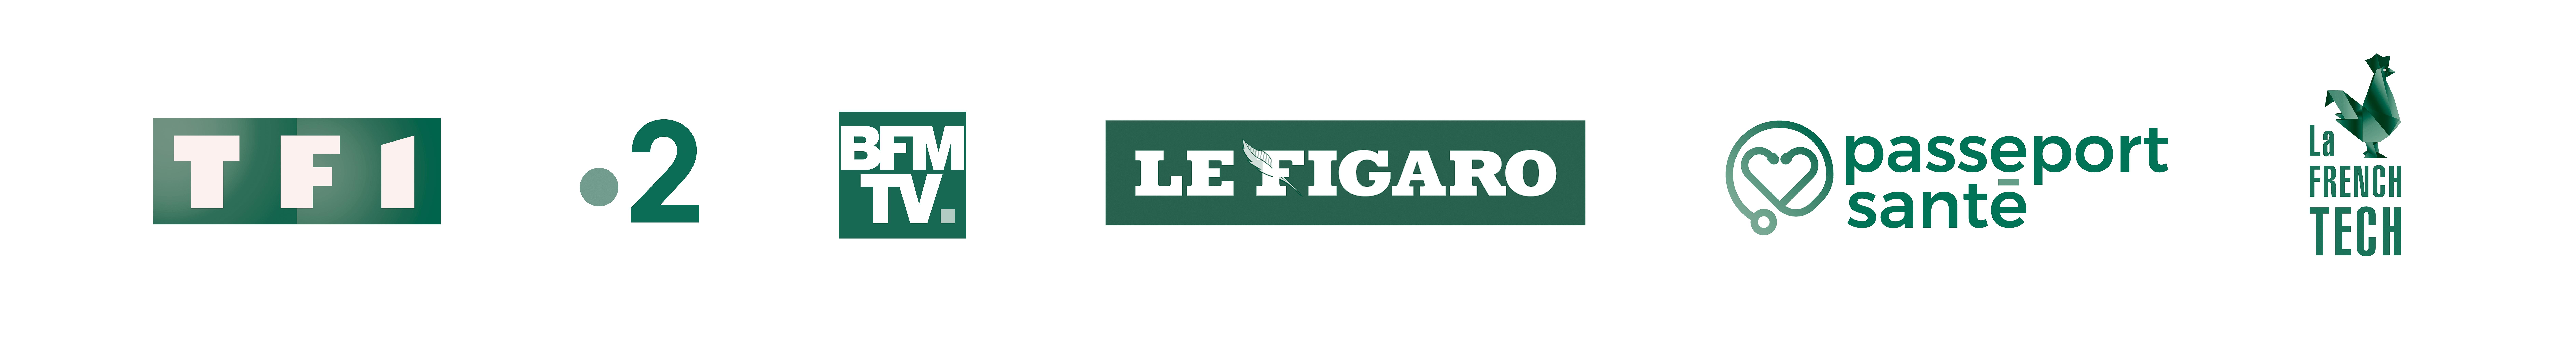 logo_banner_blog